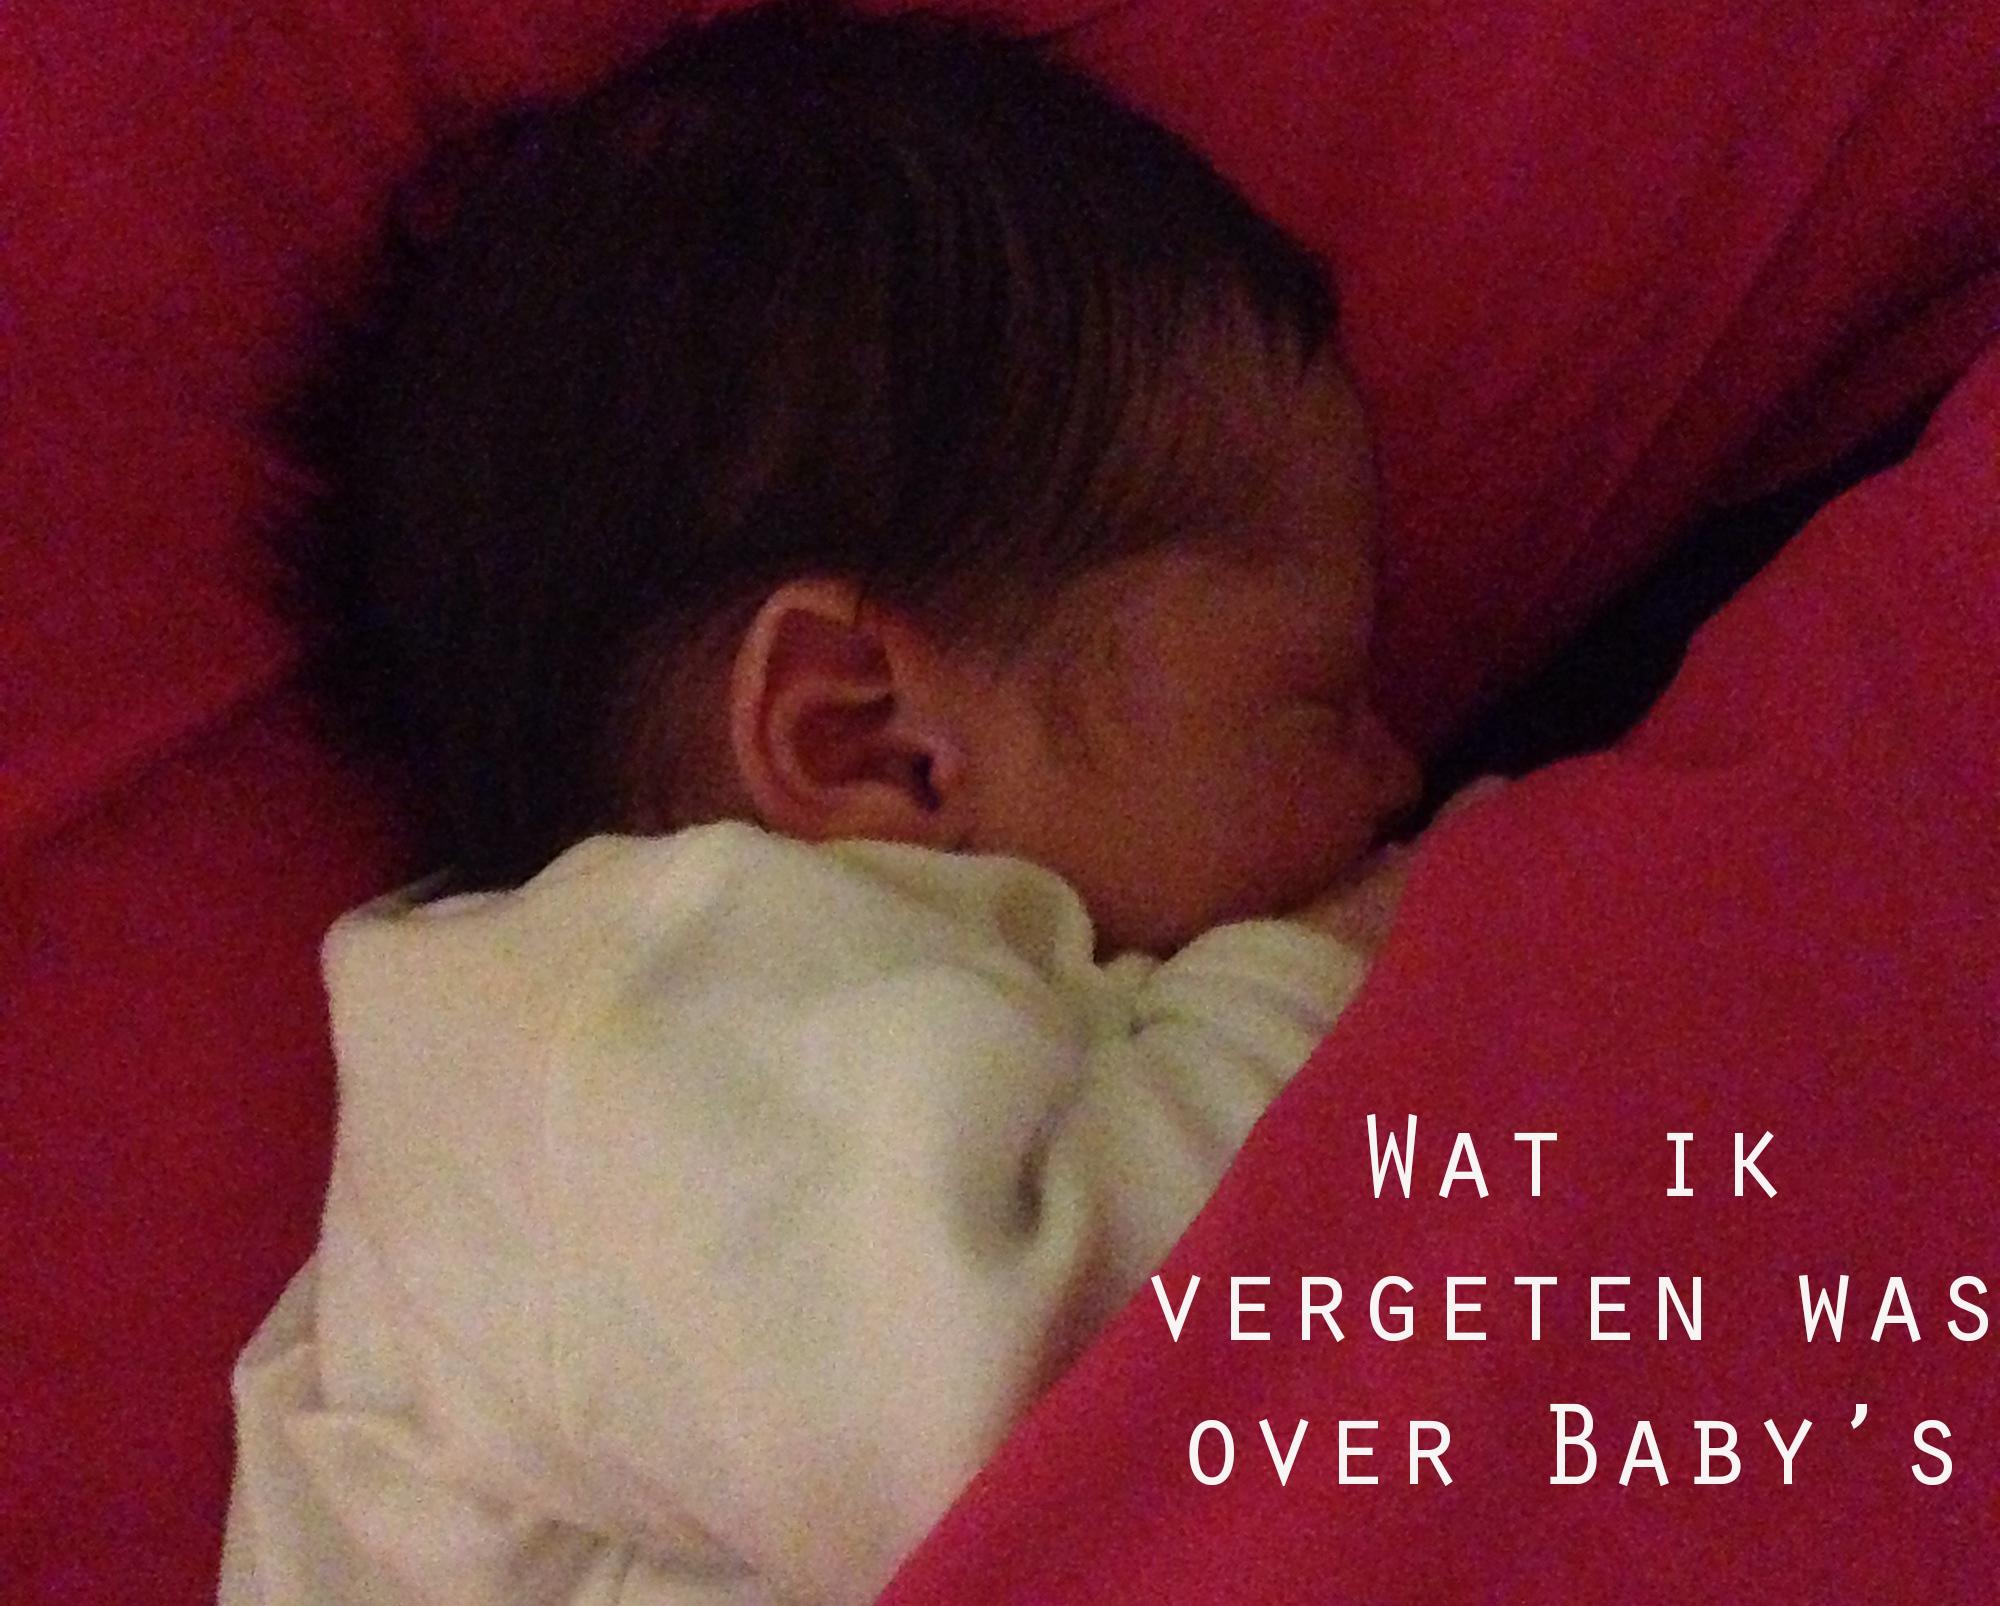 Wat ik vergeten was over Baby's..